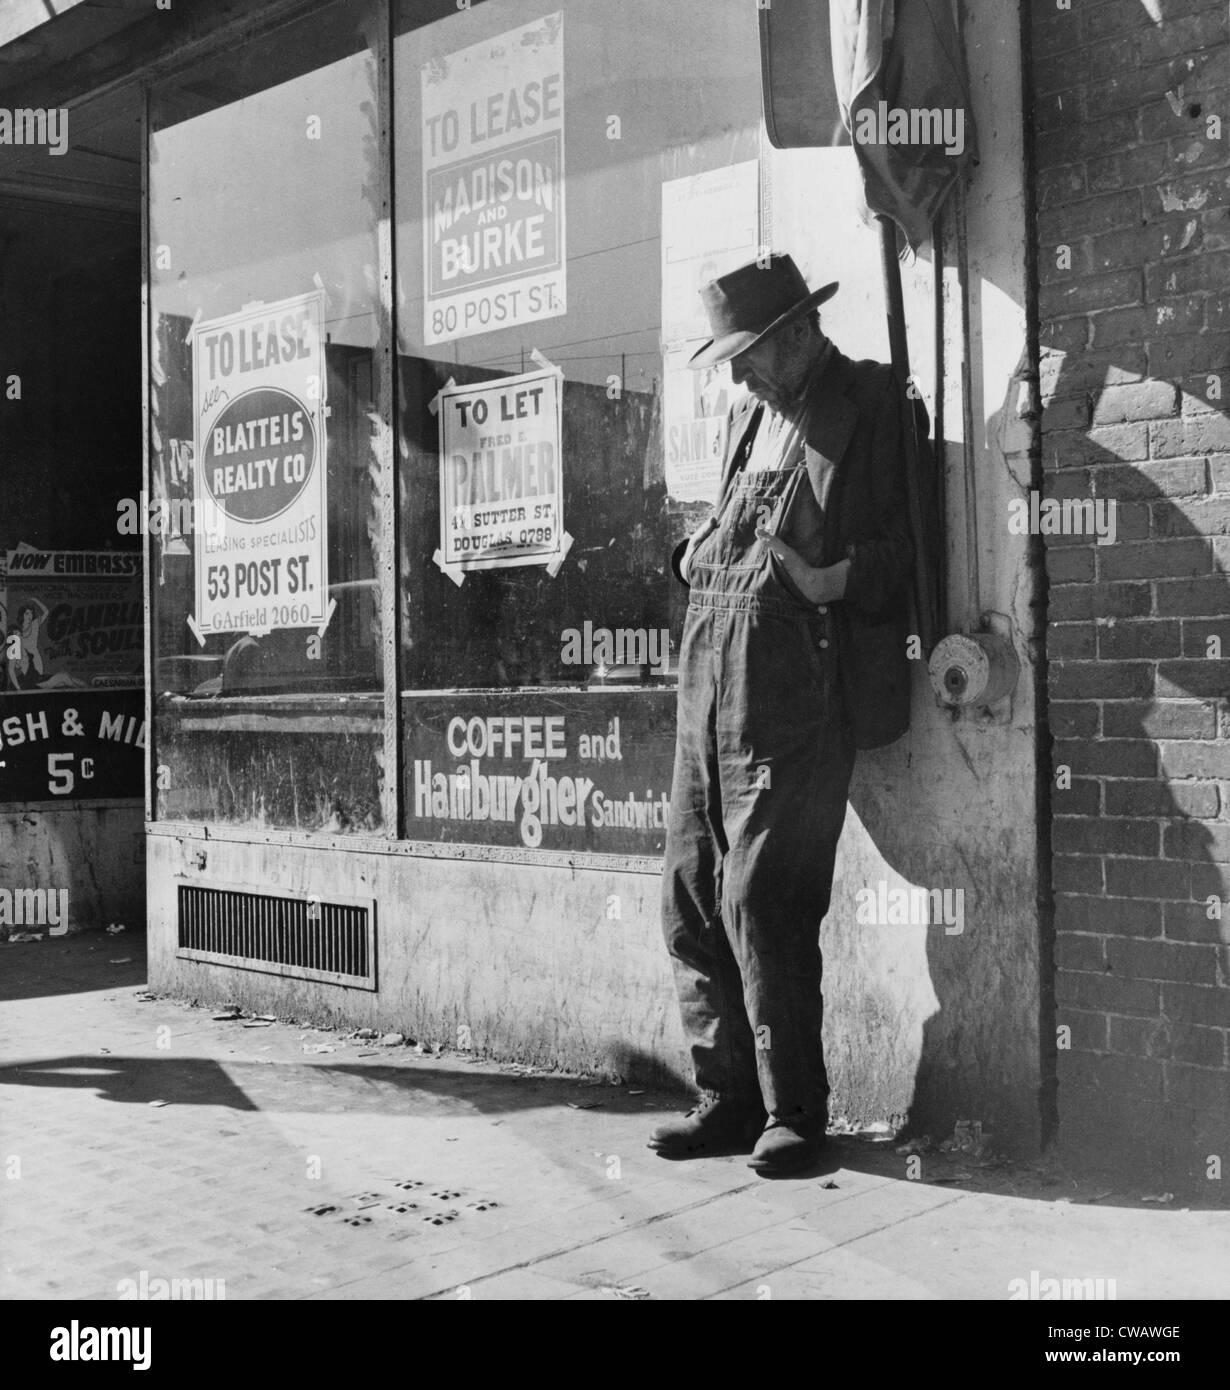 Einsamer Mann im Bauern Overall, auf San Franciscos Skid Row in der Howard Street. Ruiniert Bauern aus dem mittleren Stockfoto